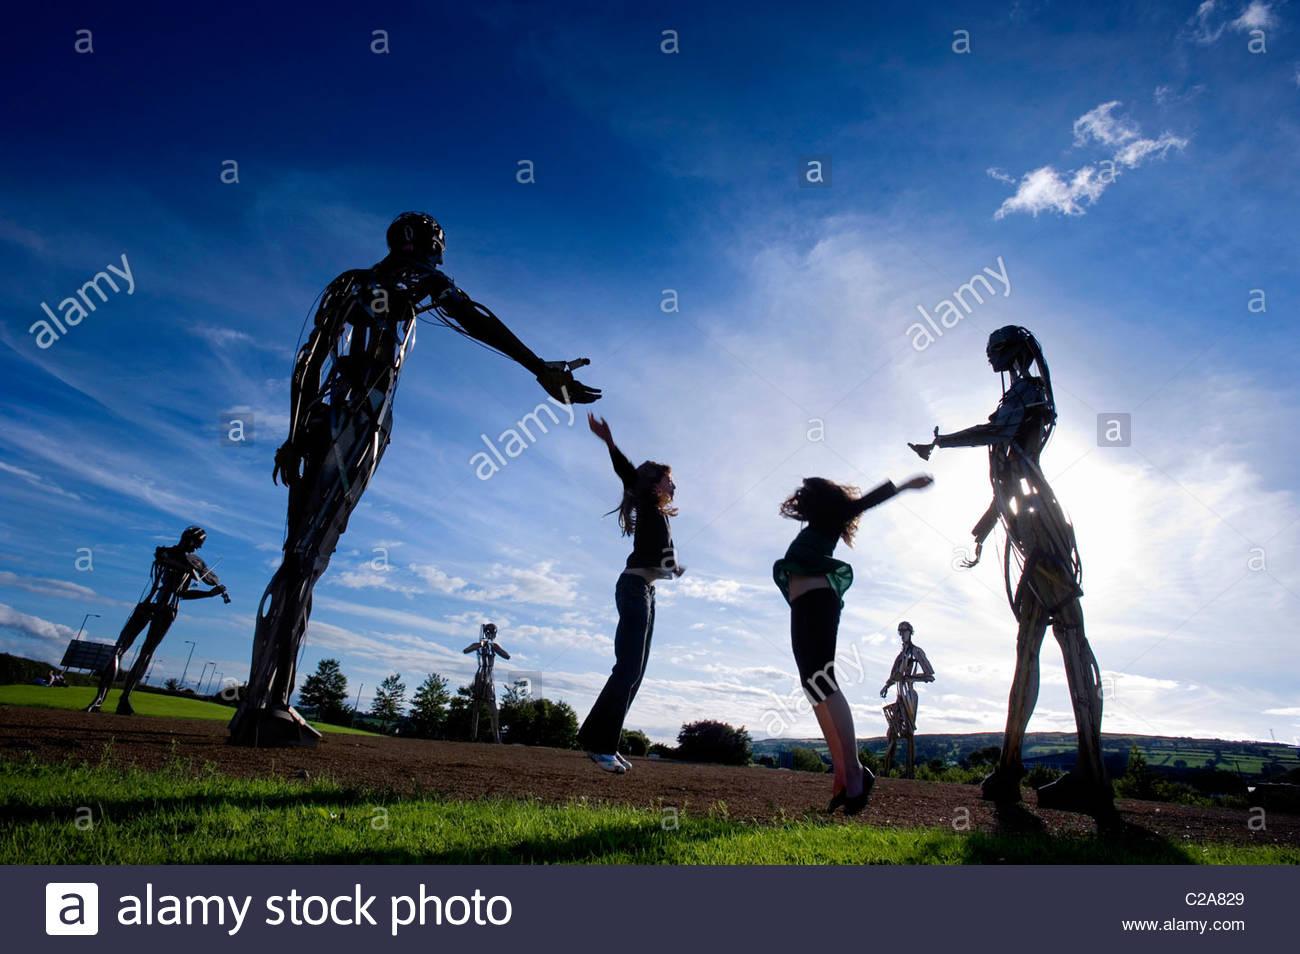 Enfants jouant à une sculpture d'art public dans Strabane, Ulster. Photo Stock